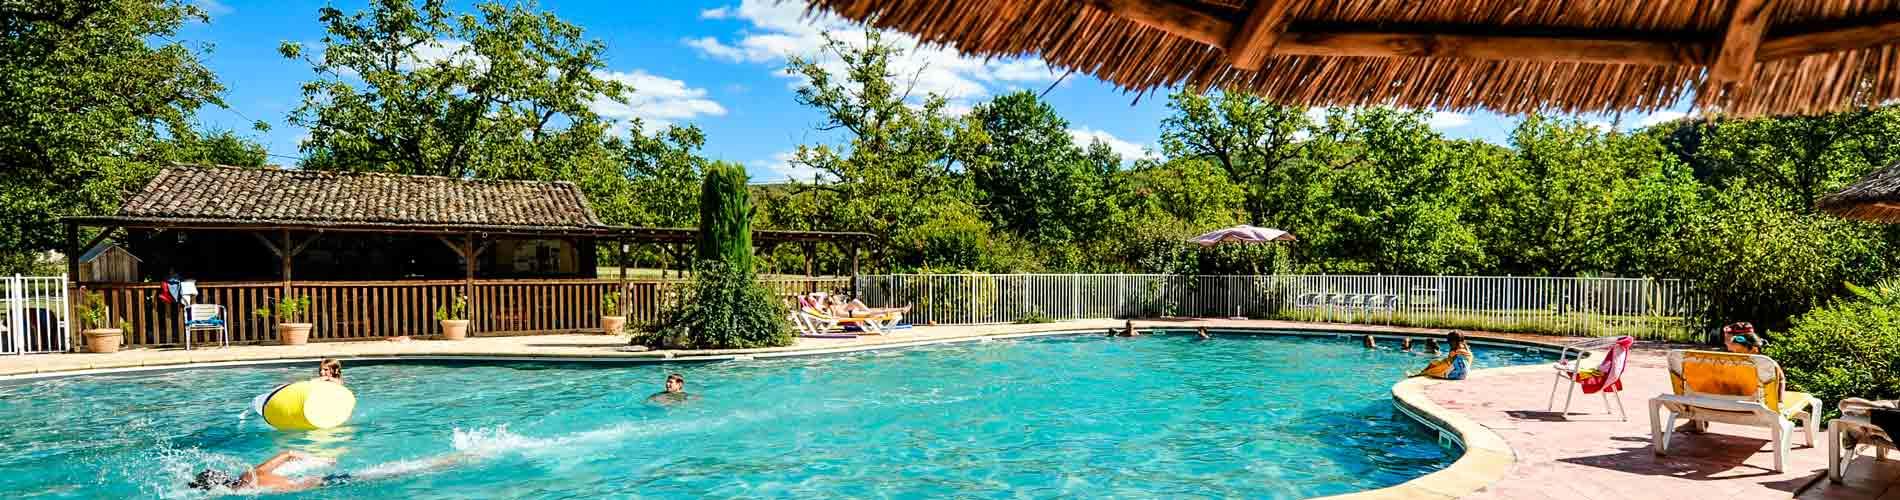 Camping lot avec piscine camping avec espace quatique for Camping ile rousse avec piscine